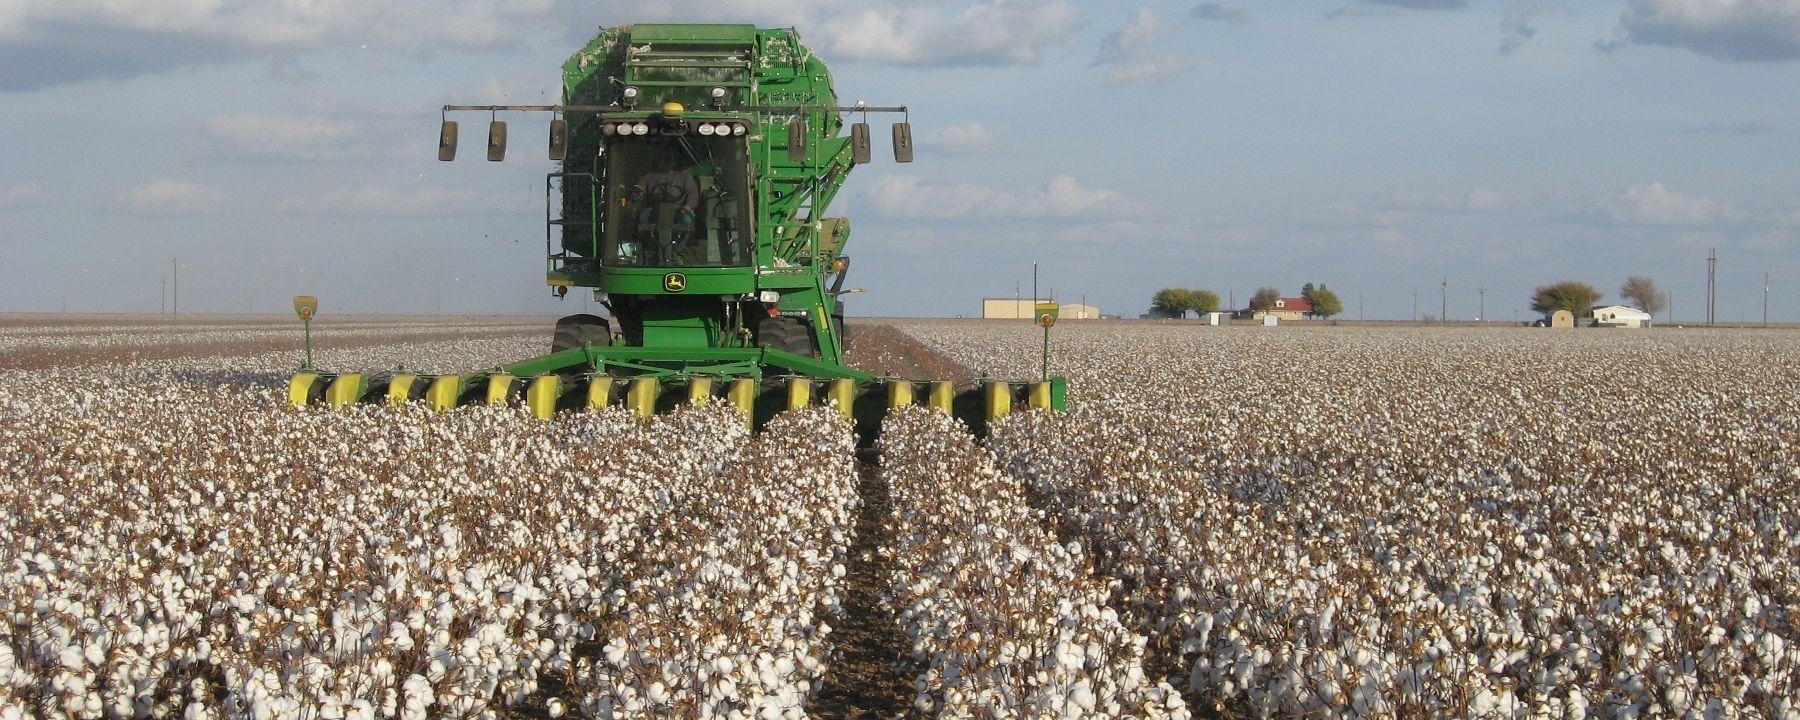 USDA Approves Edible Cotton